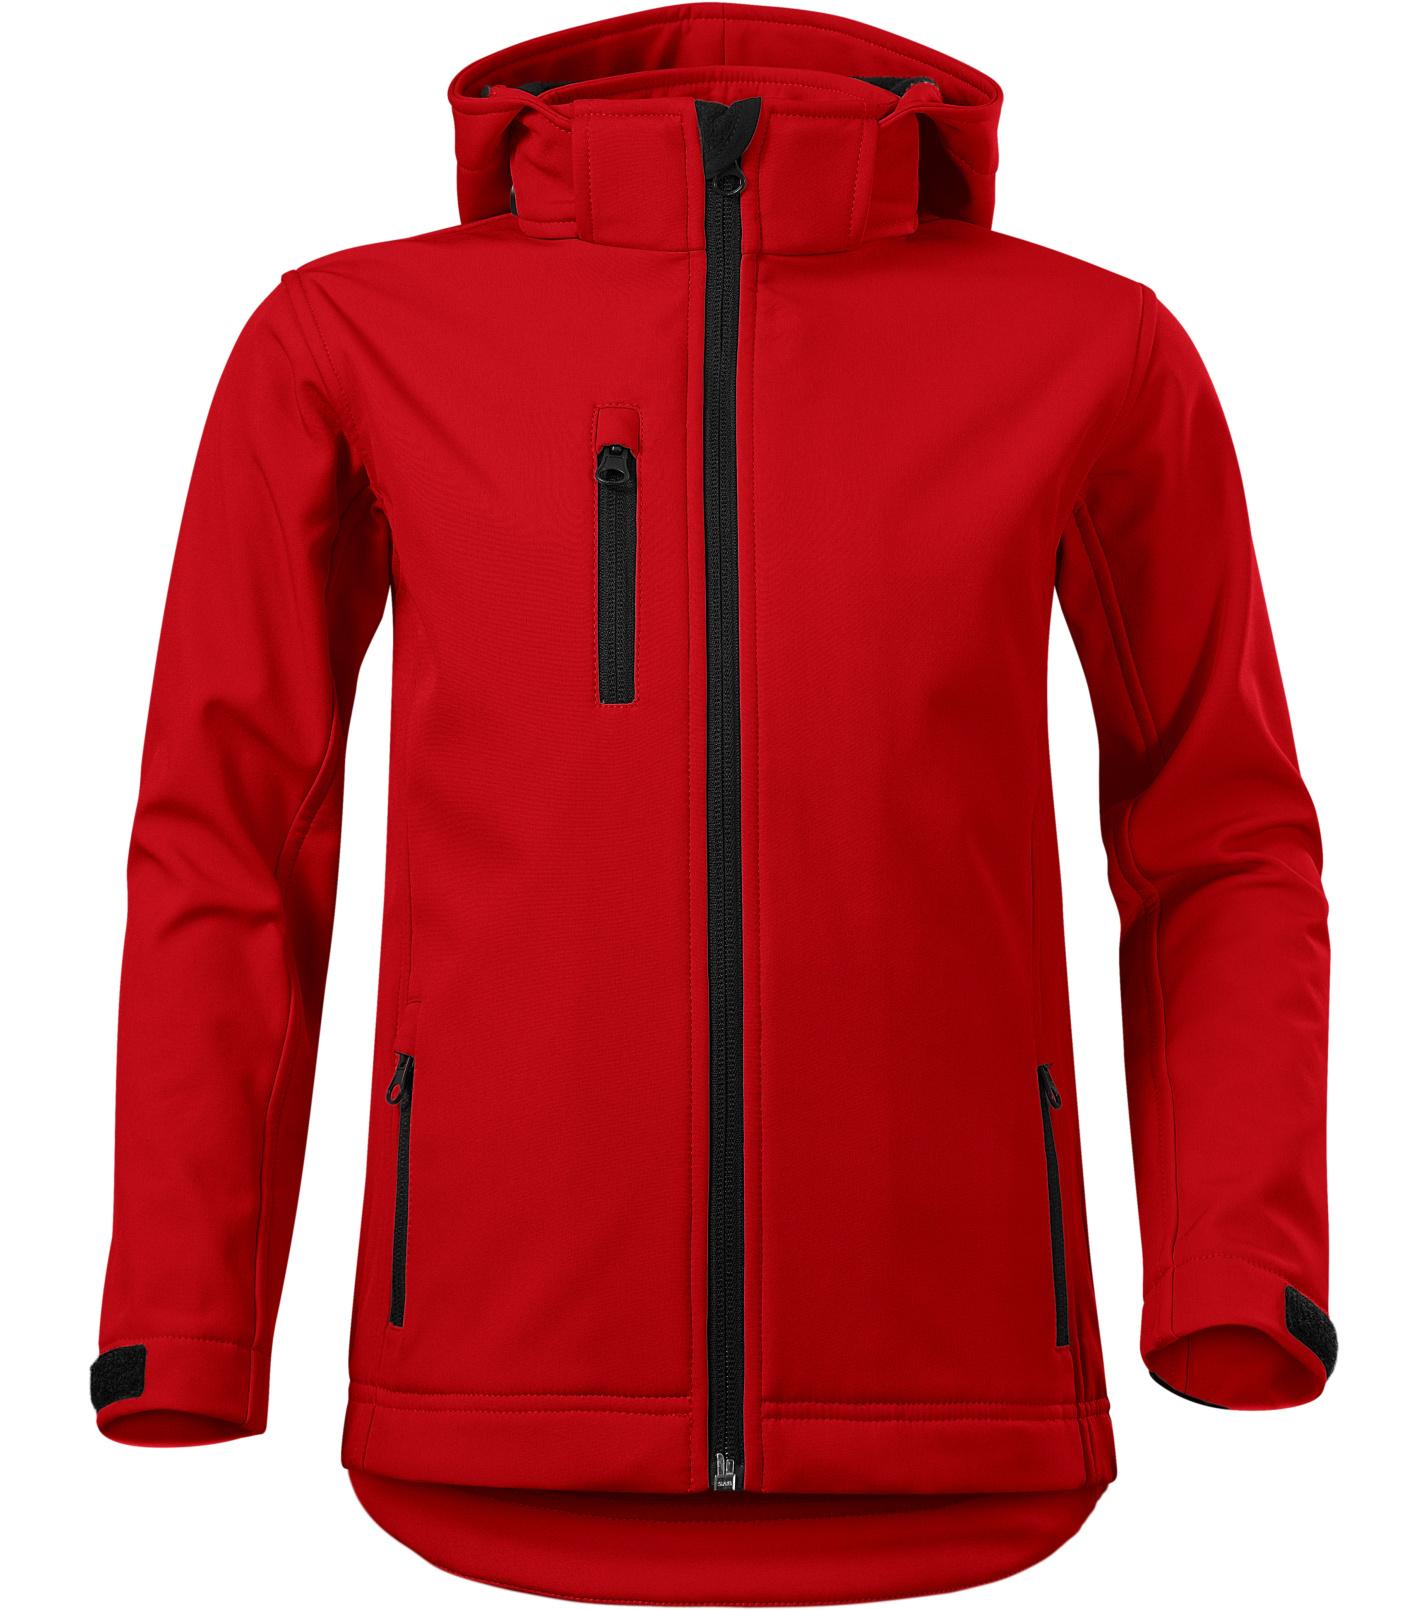 ADLER Performance Dětská softshellová bunda 53507 červená 134